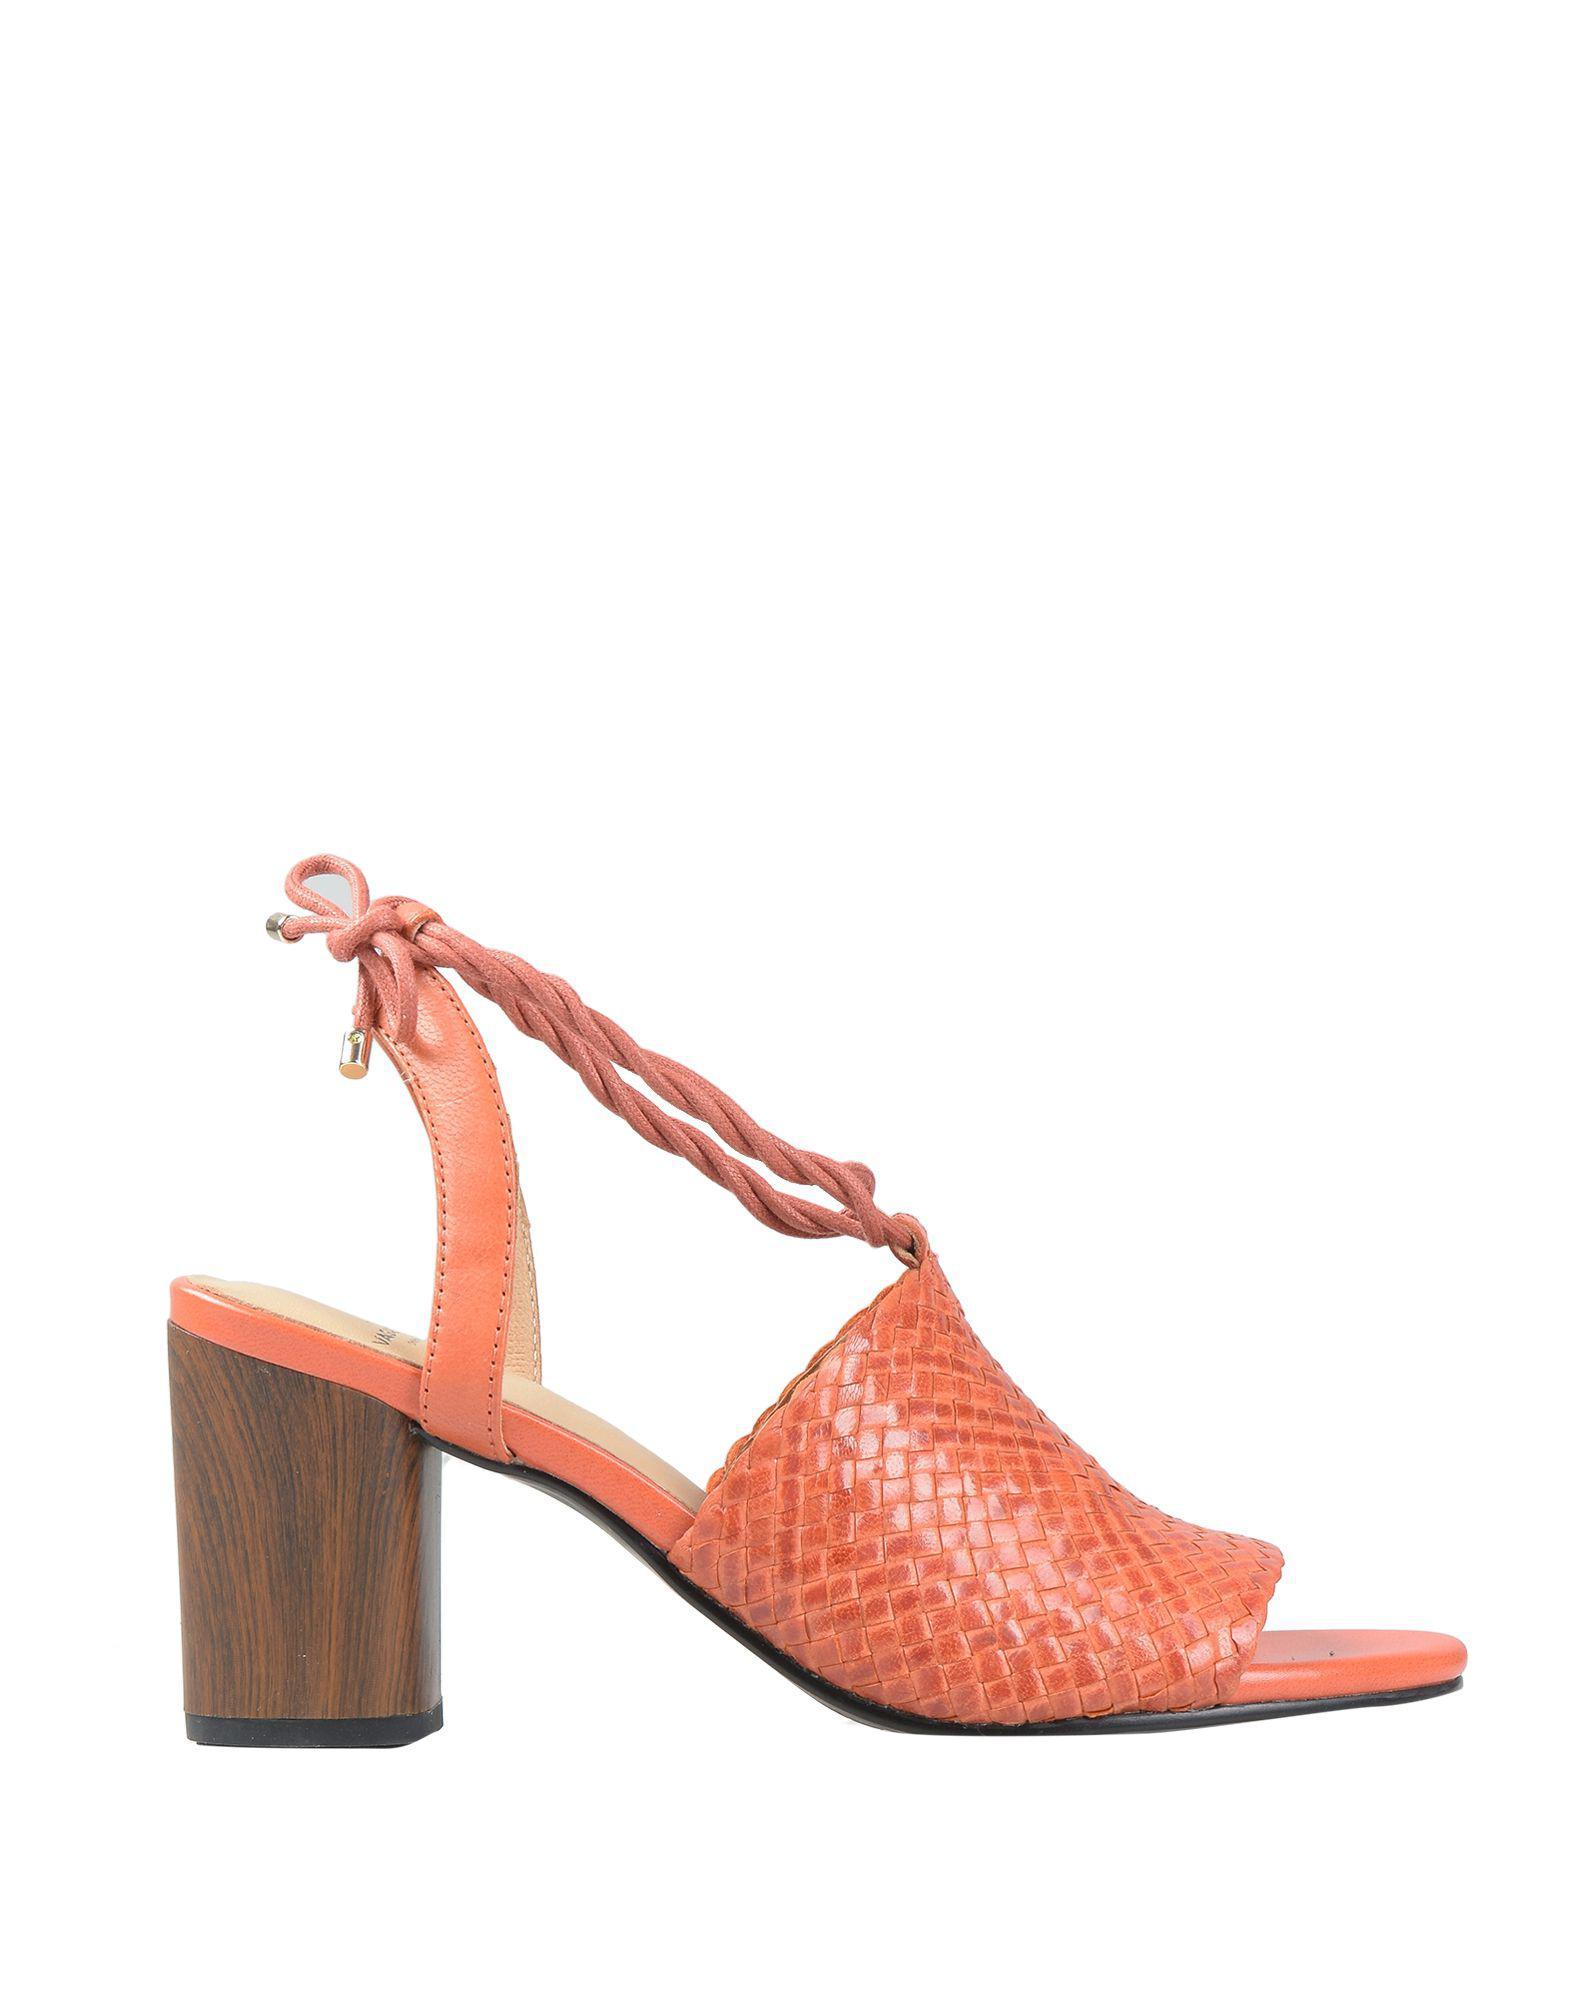 9ee2d02f33 Lyst - Vagabond Sandals in Orange